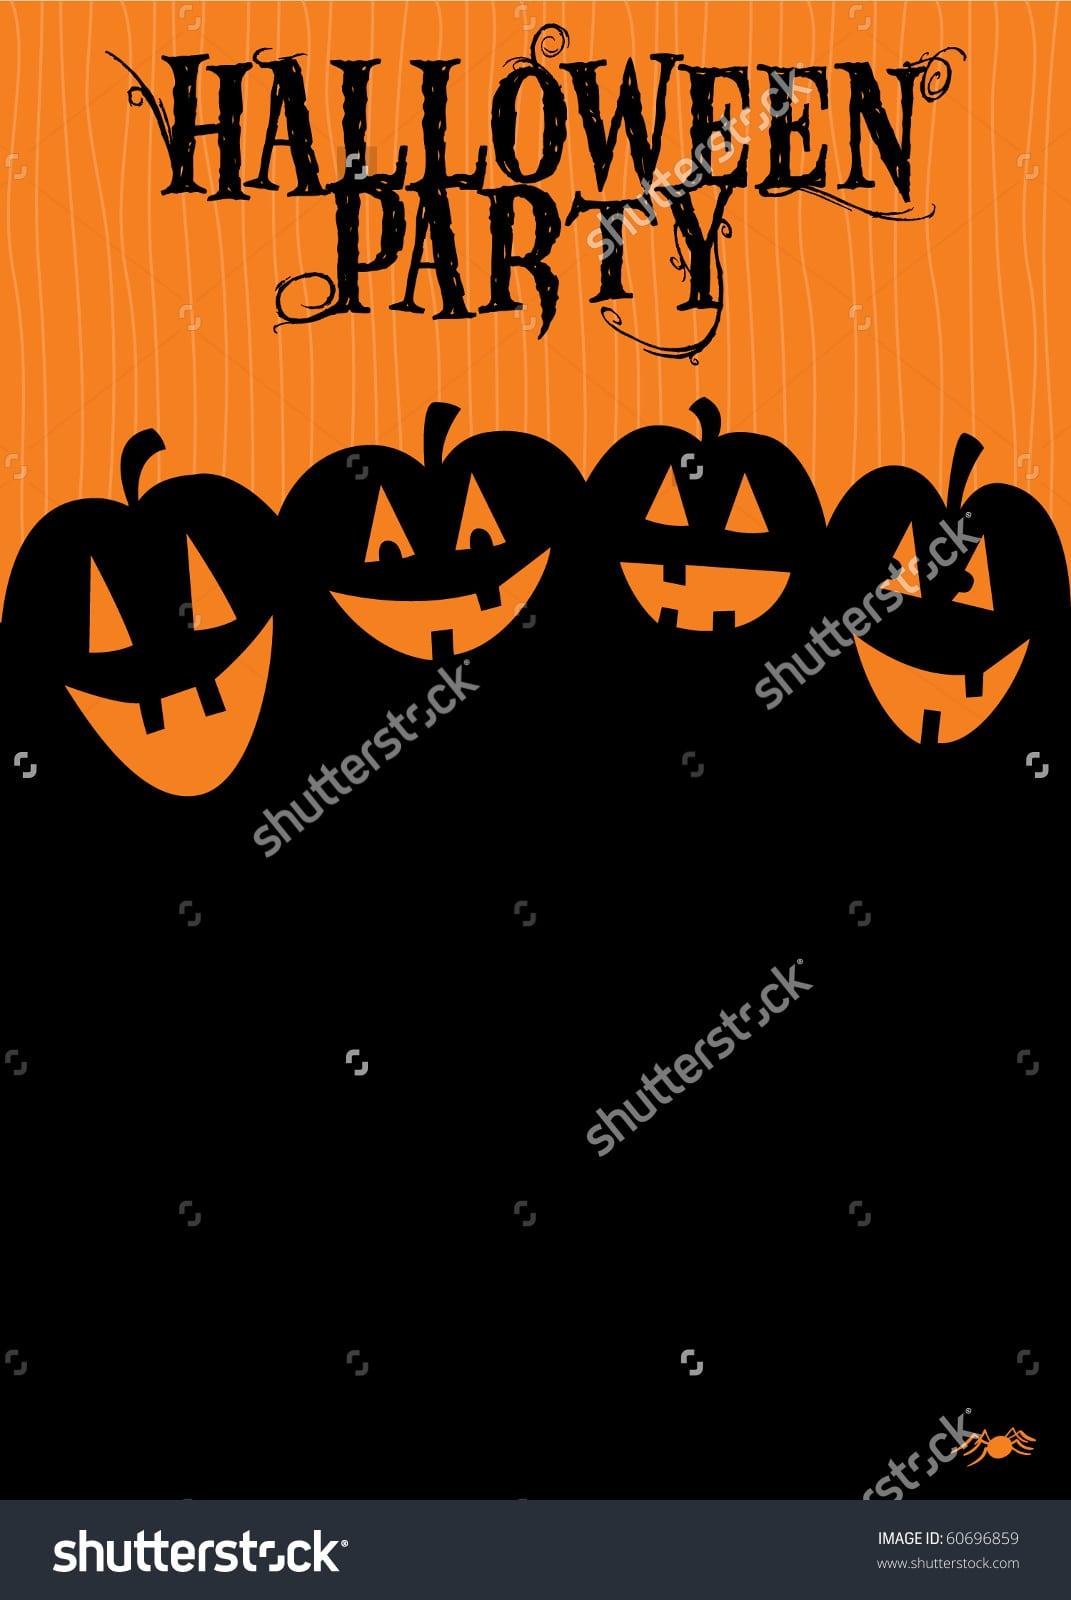 Halloween Party Invitation Stock Vector Illustration 60696859